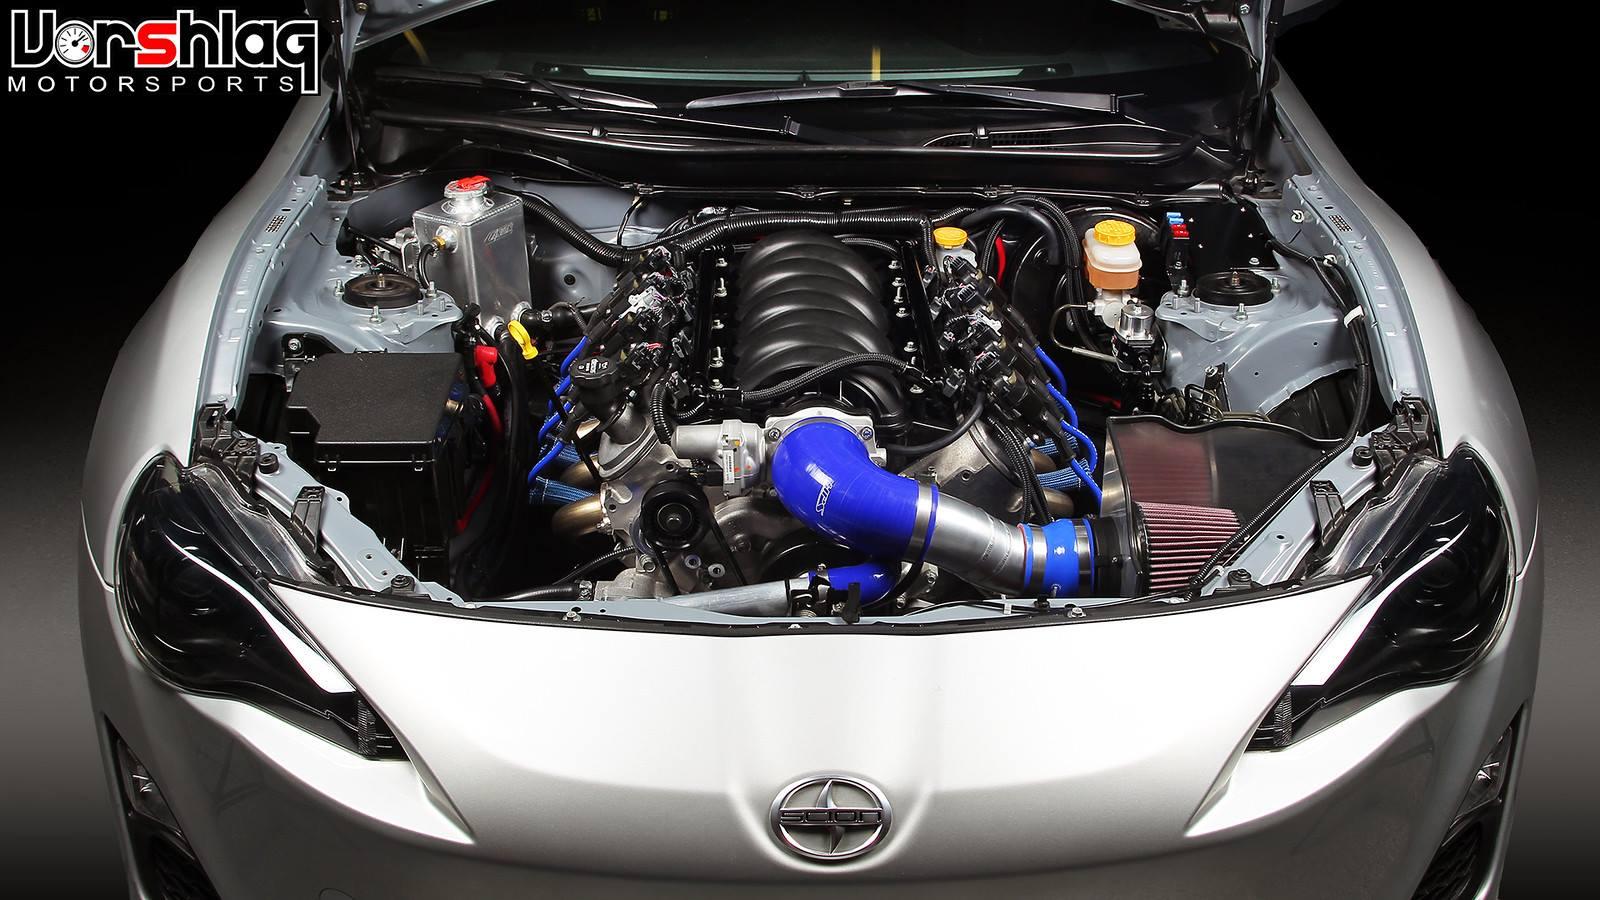 Vorshlag LSx Swap Kit for FRS/BRZ – Engine Swap Depot